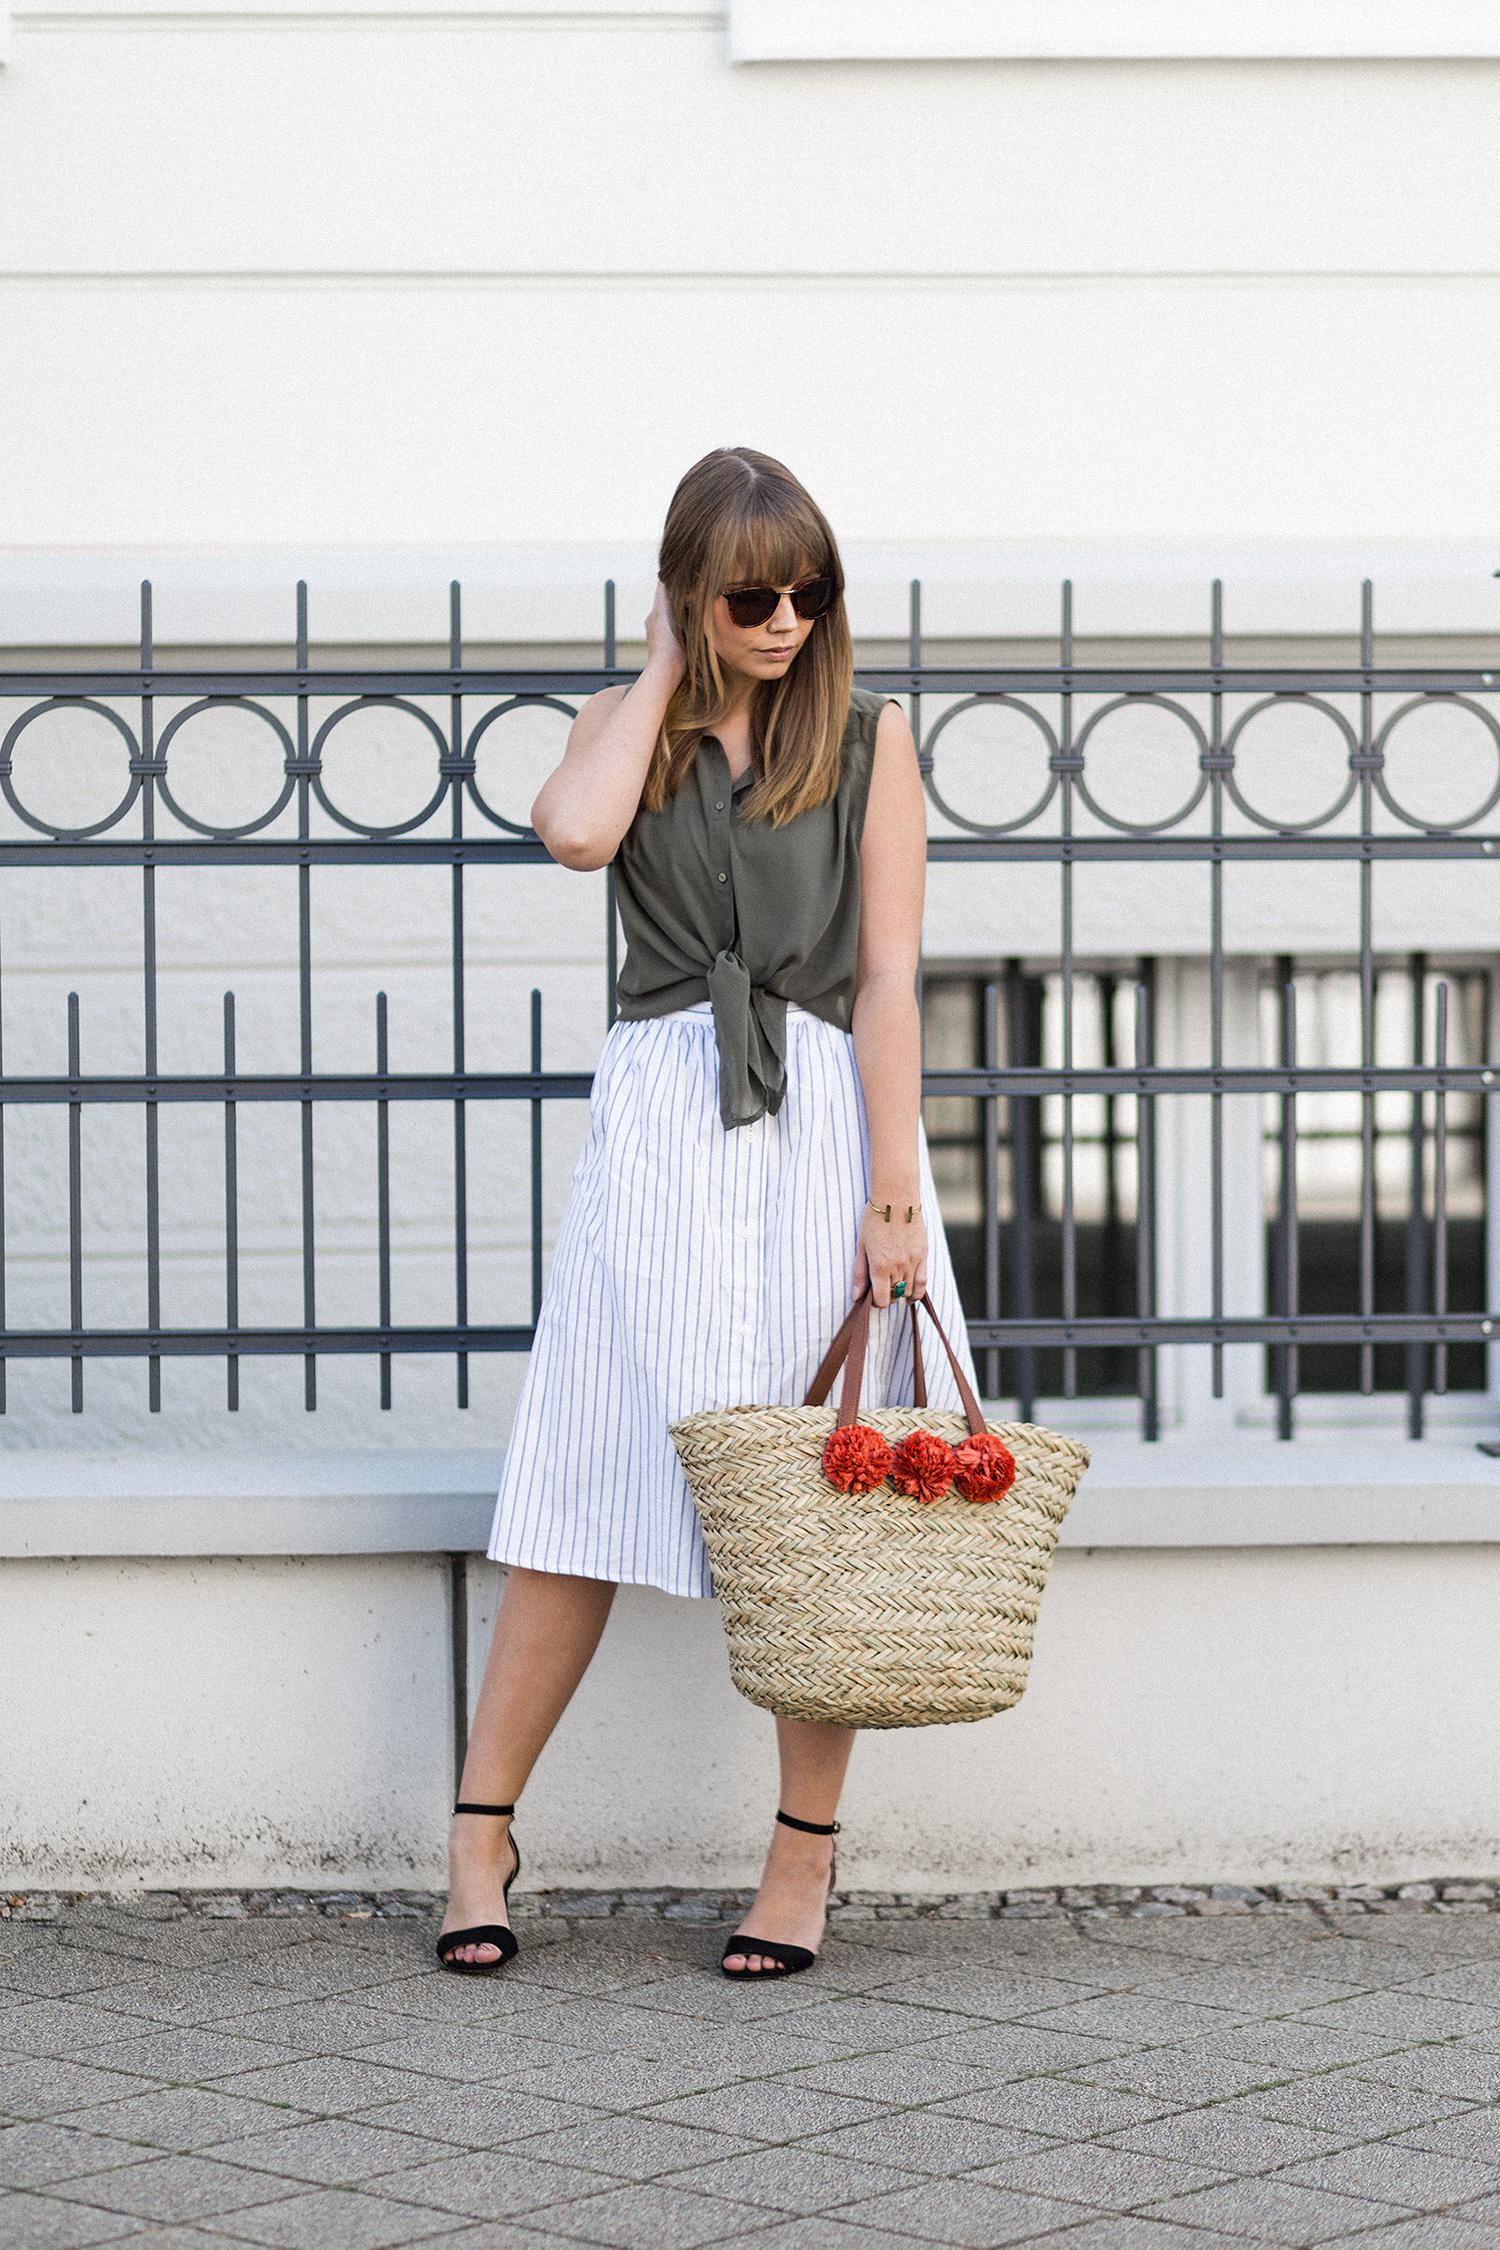 Midirock kombinieren, Outfit mit Streifen Rock von Mango, ärmellose Bluse, Strohtasche mit Pompoms von JustFab, Streetstyle, Sommeroutfit, bezauberndenana.de